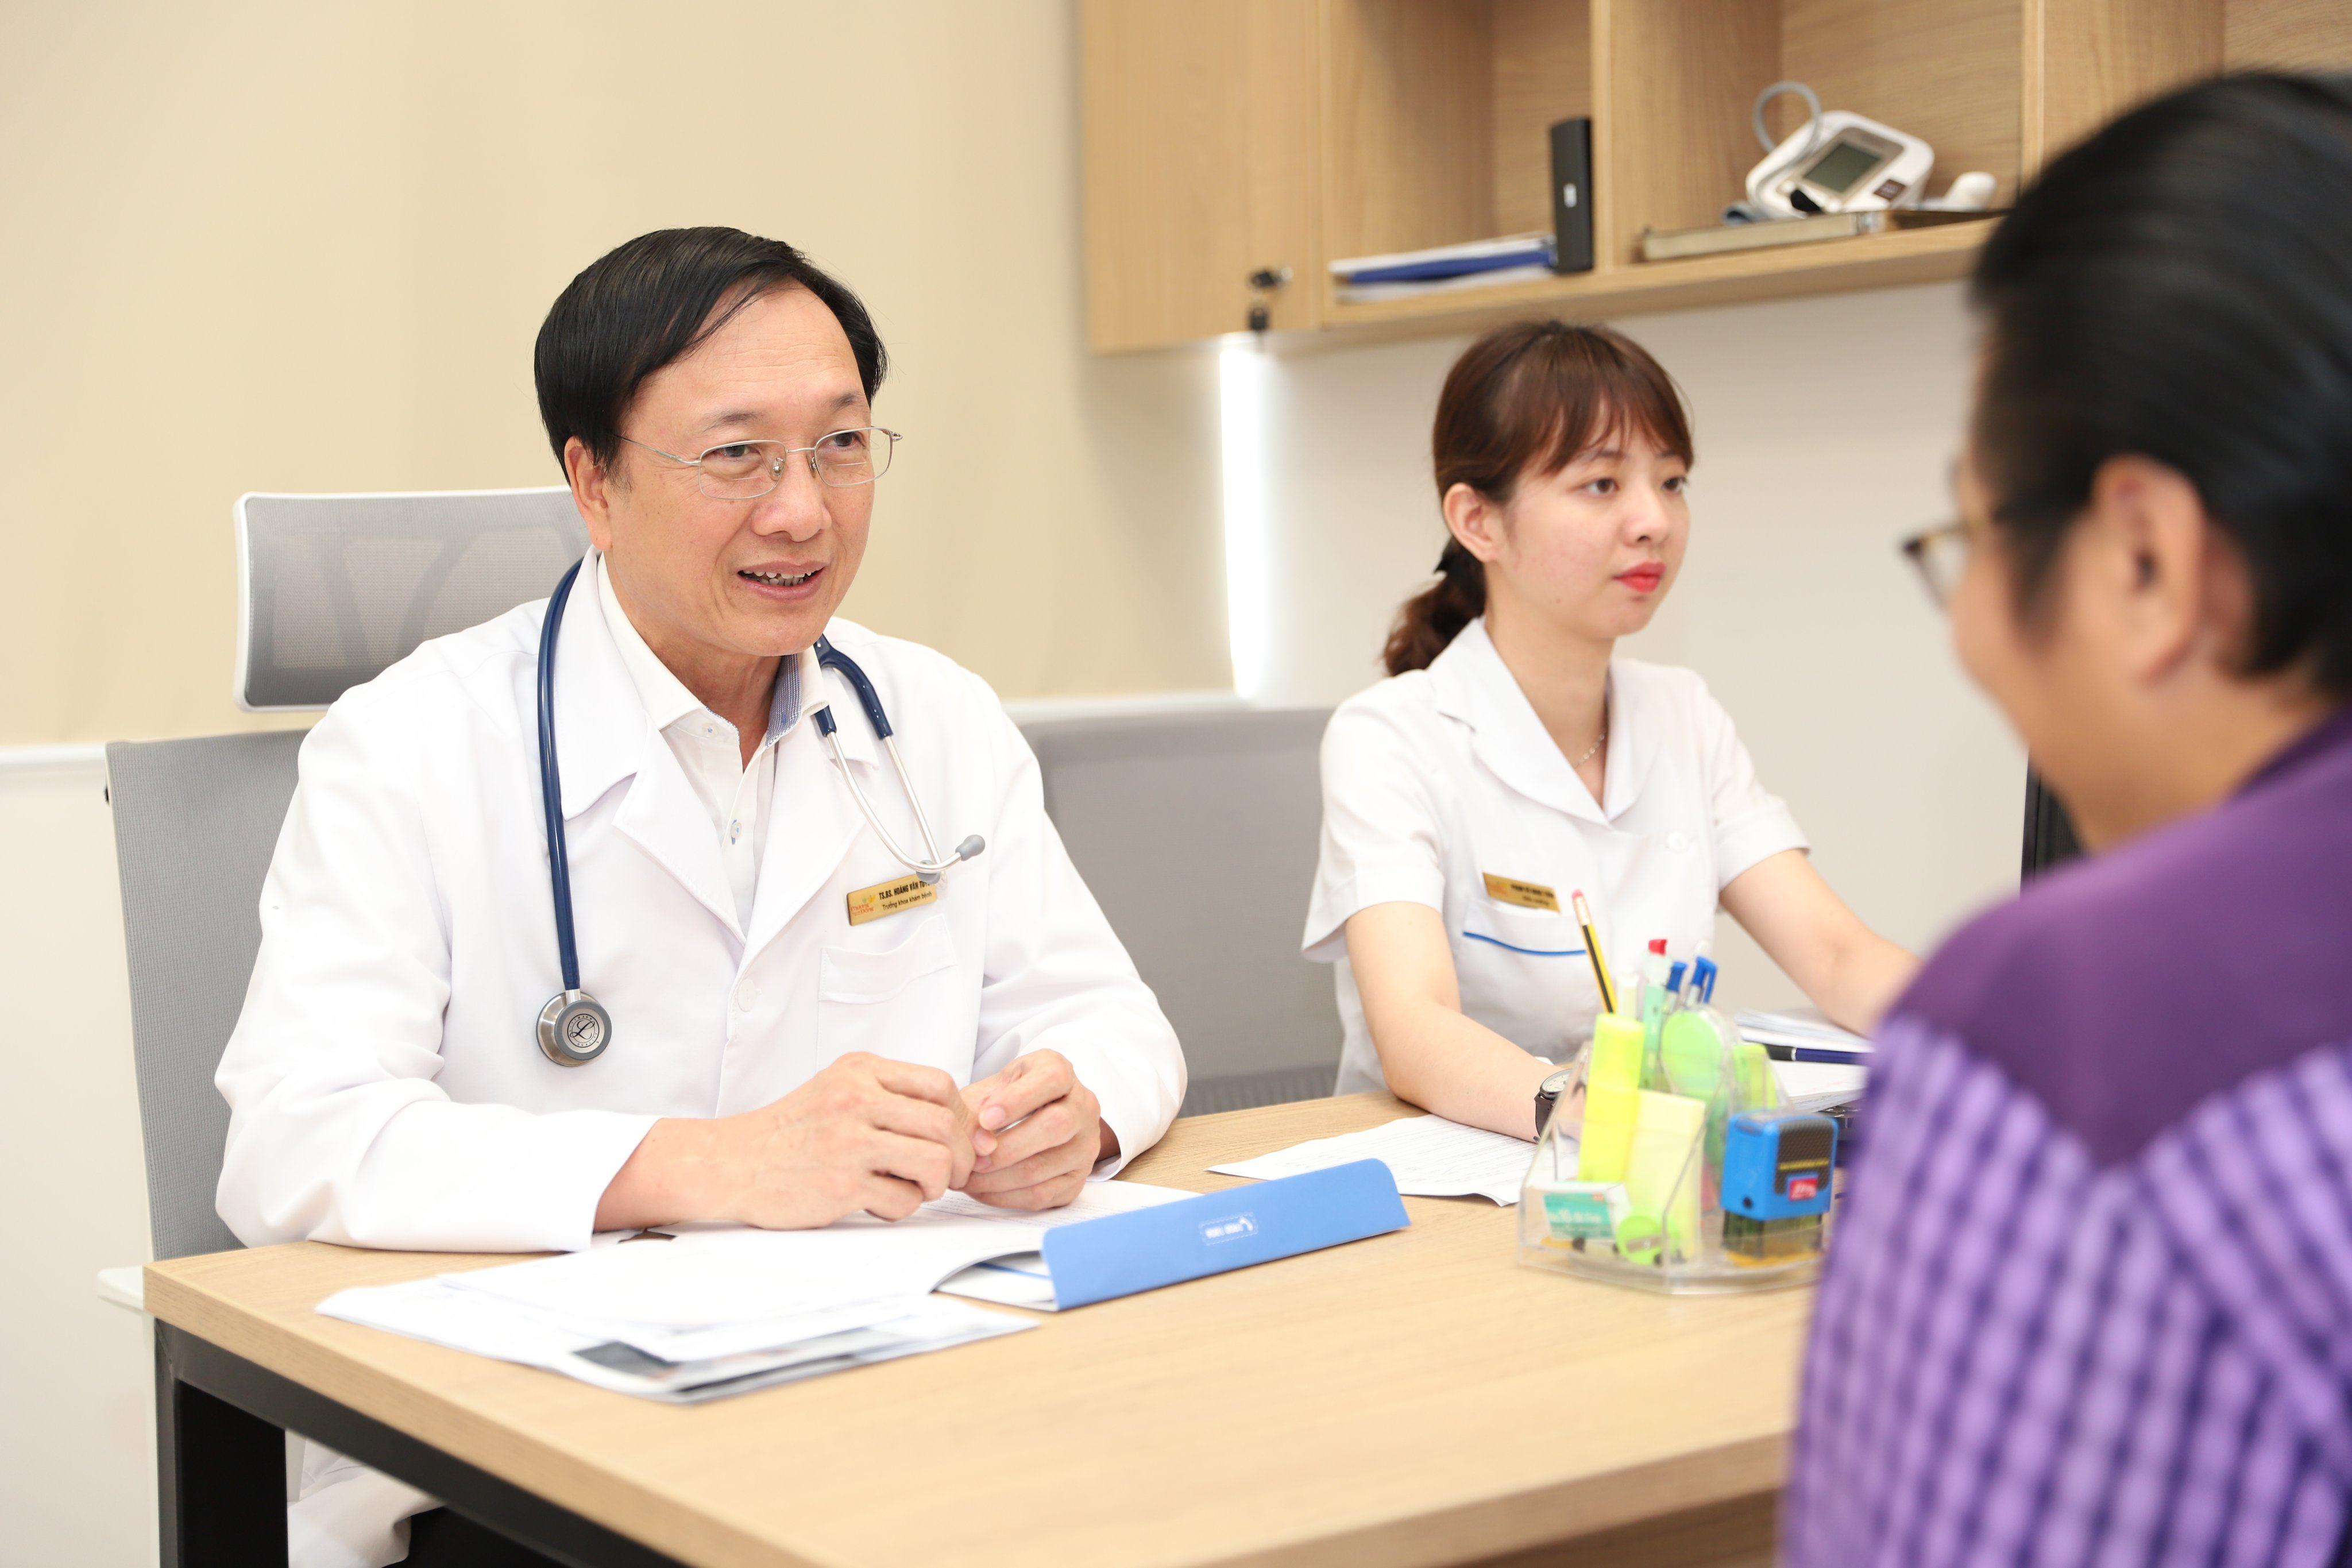 Trao đổi với bác sỹ để có phương pháp điều trị thiểu năng phù hợp nhất